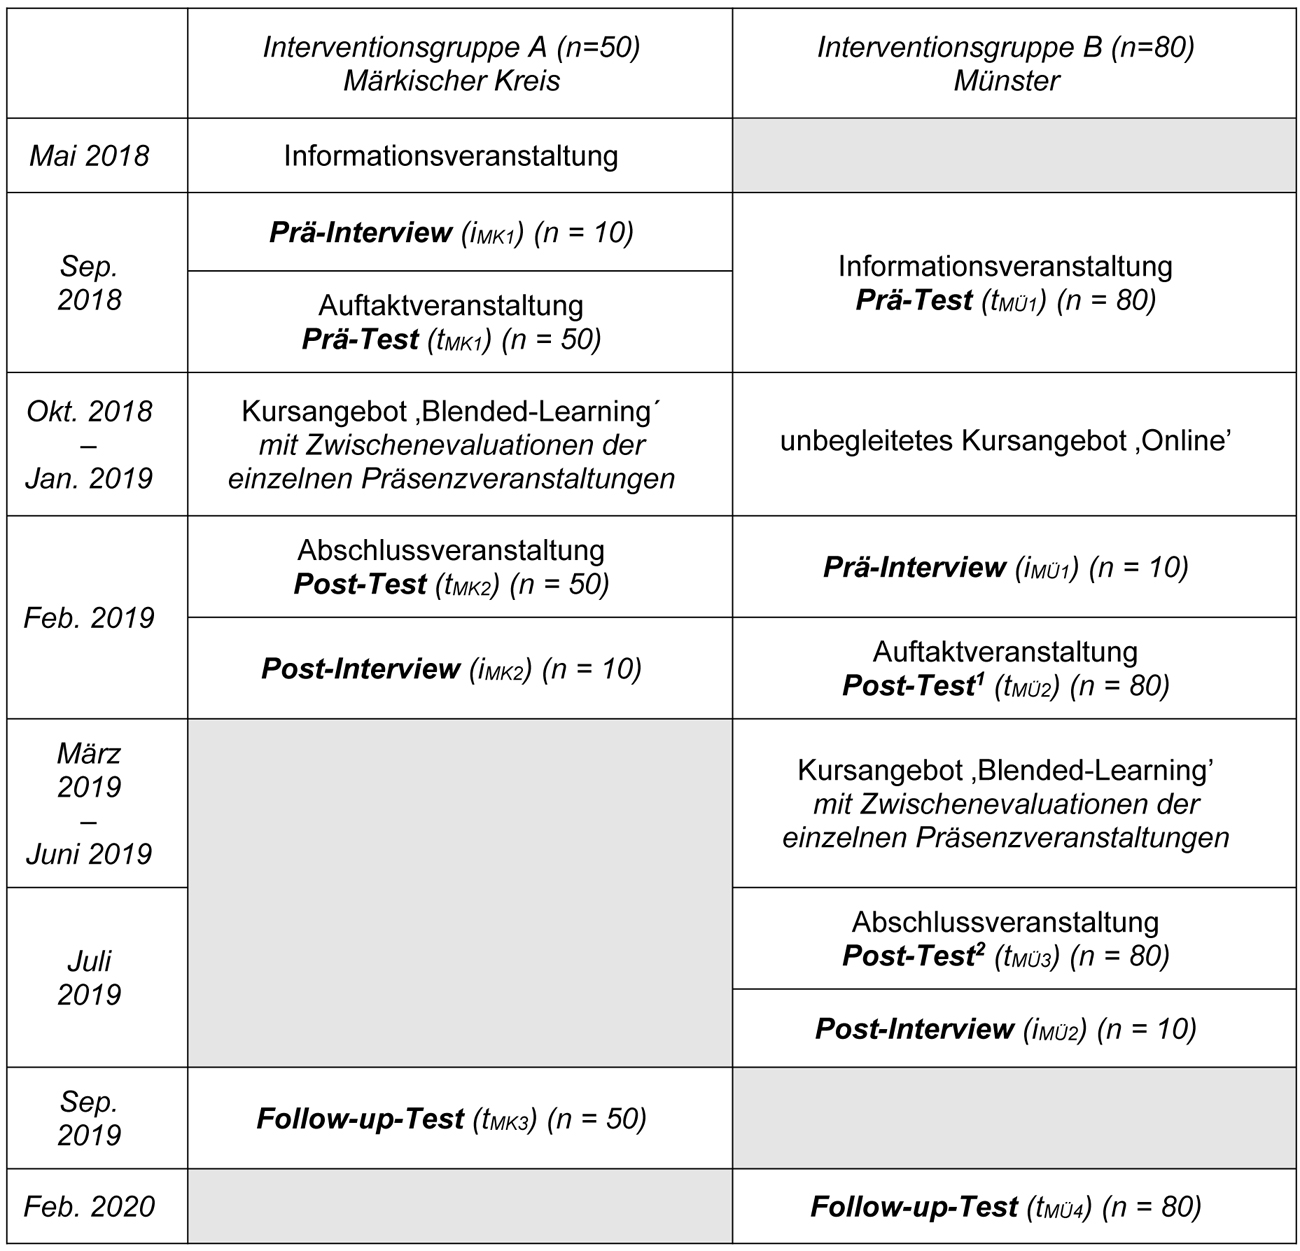 Die Tabelle hat drei Spalten und neun Zeilen. Sie zeigt die geplanten Aktivitäten für die Interventionsgruppen A und B im zeitlichen Verlauf.  Im Mai 2018 beginnt die Interventionsgruppe A (n=50) mit einer Informationsveranstaltung. Im September 2018 findet die Auftaktveranstaltung mit dem Prä-Test (n=50) und zehn qualitativen Interviews statt. Von Oktober 2018 bis Januar 2019 wird das Kursangebot in Präsenzveranstaltungen mit kurzen Zwischenevaluationen realisiert. Im Februar 2019 findet die Abschlussveranstaltung mit dem Post-Test (n=50) und zehn qualitativen Interviews statt, im September 2019 beendet ein Follow-up-Test (n=50) die Aktivitäten in Interventionsgruppe A. Interventionsgruppe B (n=80) beginnt erst im September 2018 mit der allgemeinen Informationsveranstaltung und dem Prä-Test (n=80). Sie fungiert als Wartekontrollgruppe. Bis zum Februar 2019 steht ihr nur das unbegleitete Online-Angebot zur Verfügung, dann finden die Auftaktveranstaltung mit dem 1. Post-Test (n=80) und zehn qualitativen Interviews statt.  Von März bis Juni 2019 wird das Kursangebot in Präsenzveranstaltungen mit kurzen Zwischenevaluationen realisiert. Im Juli 2019 findet die Abschlussveranstaltung mit dem 2. Post-Test (n=80) und zehn qualitativen Interviews statt, im Februar 2020 beendet ein Follow-up-Test (n=80) die Aktivitäten in Interventionsgruppe B.